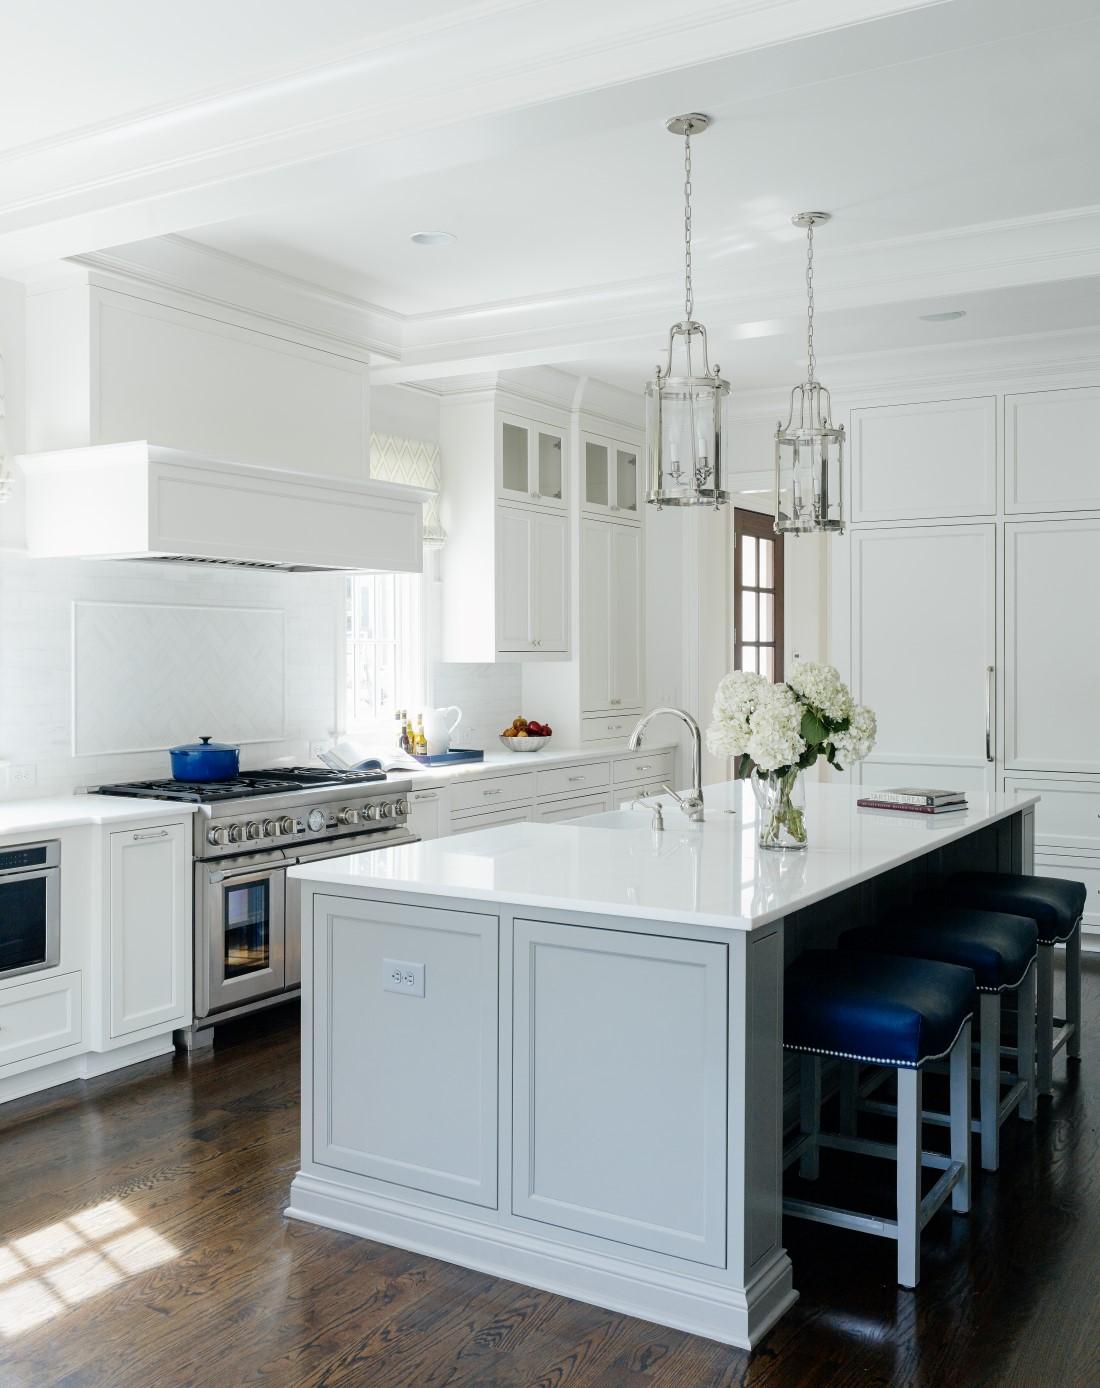 White kitchen design kitchen equipment for men home - Mens kitchen decor ...